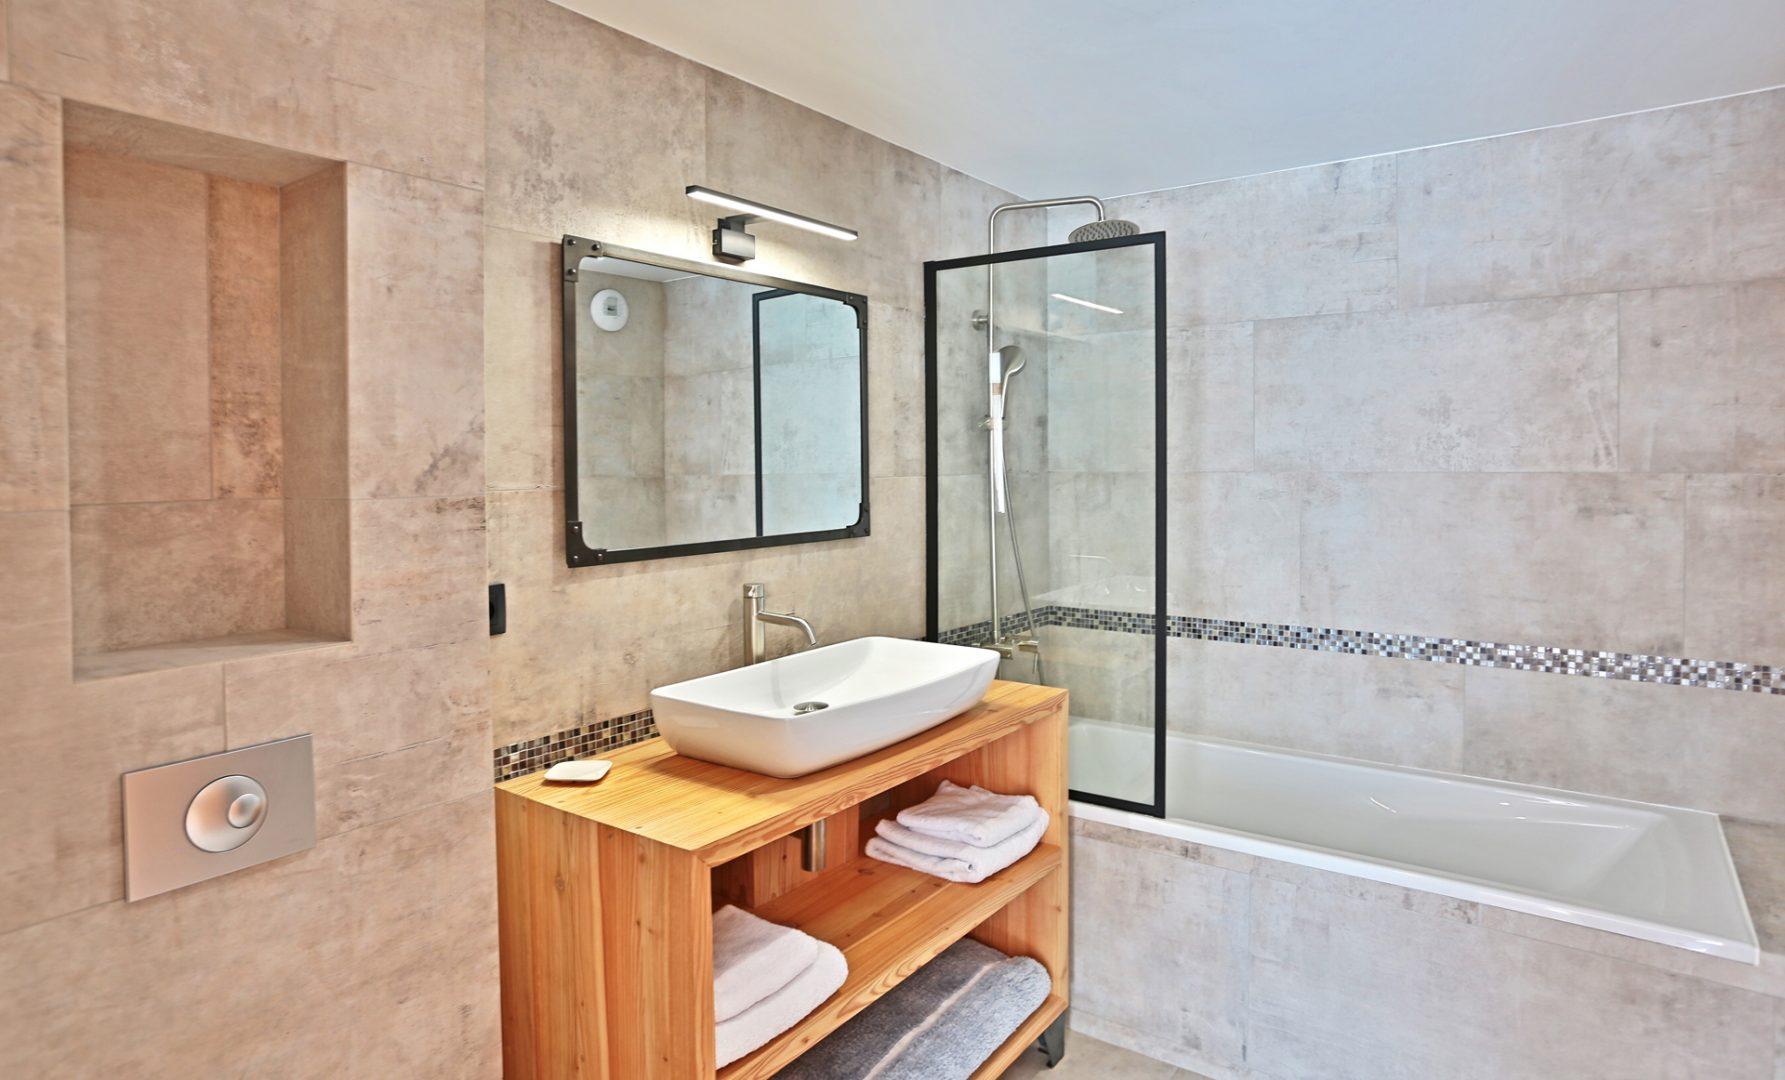 Chalet - salle de bains